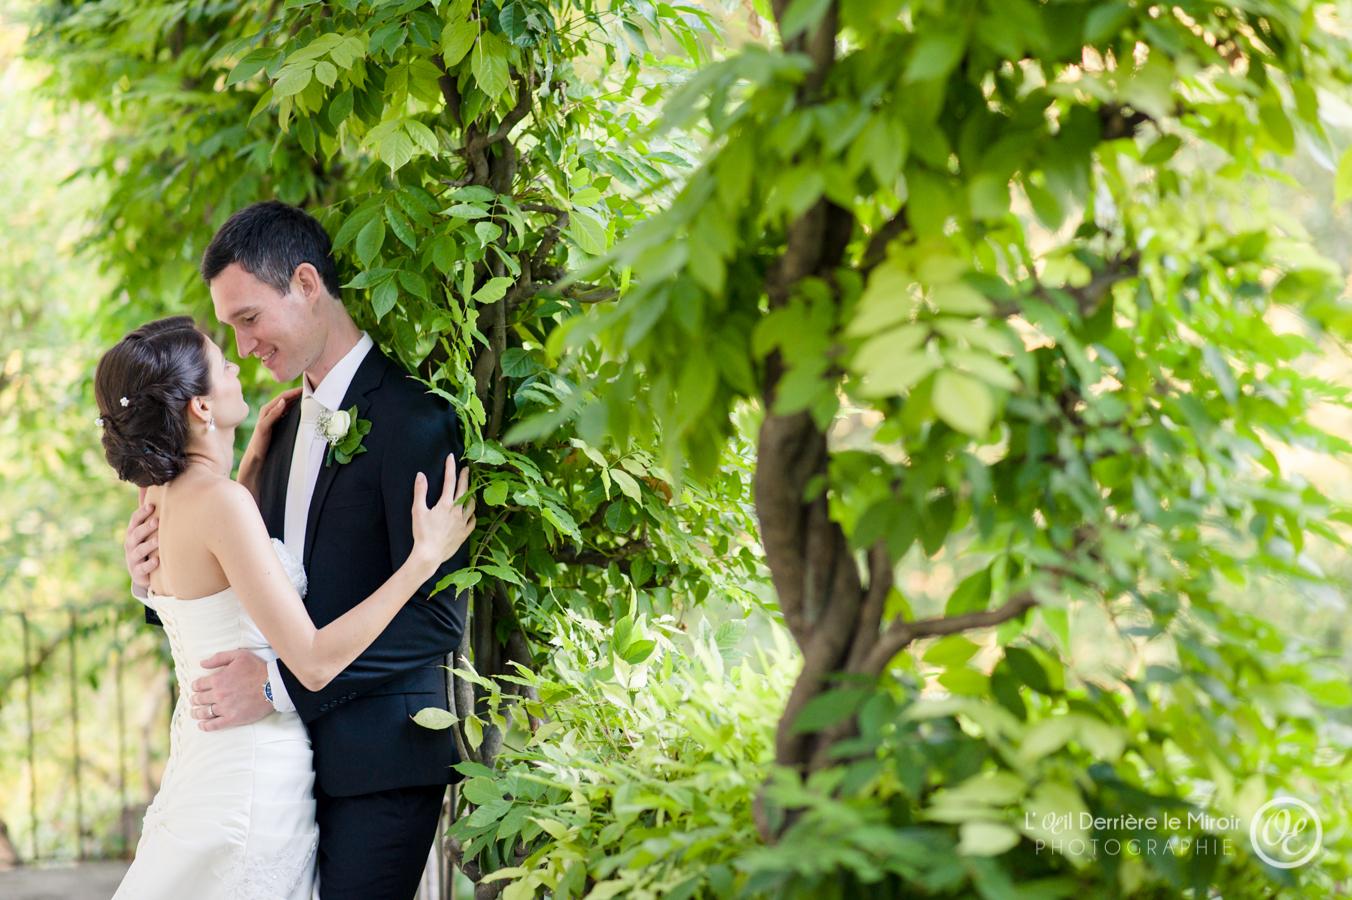 photographe-mariage-villeneuve-loubet-112